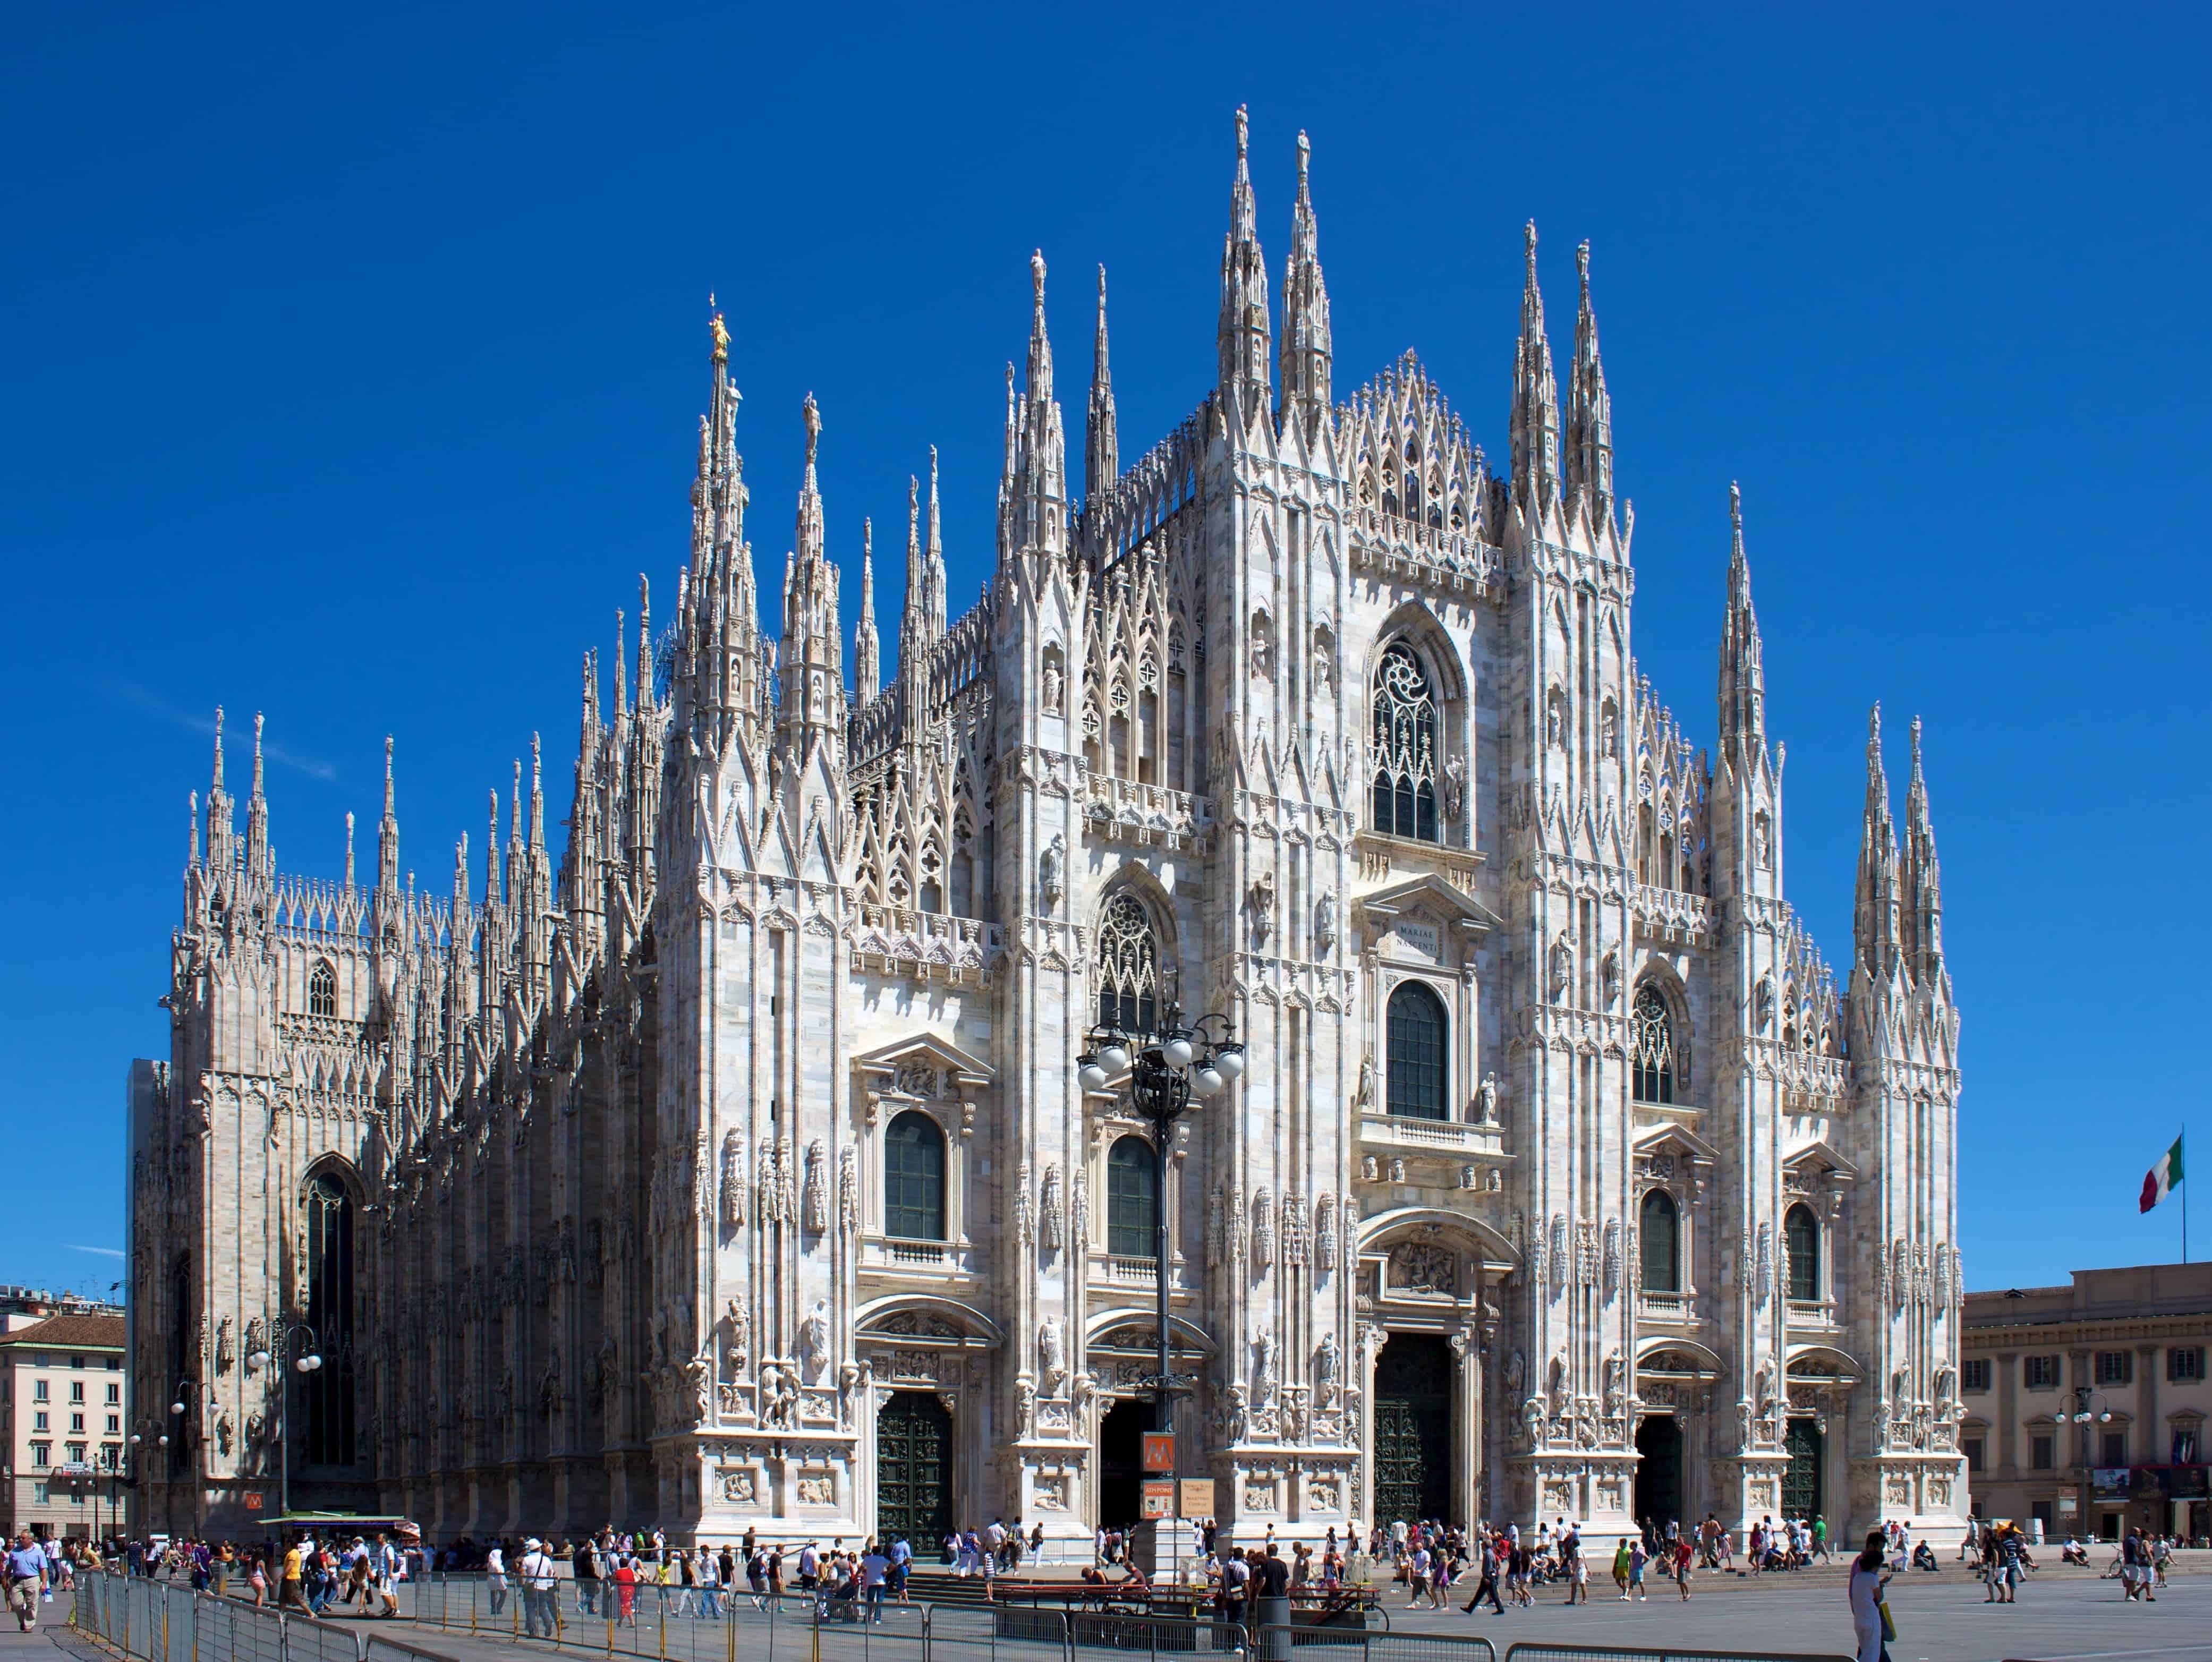 Duomo di Milano from square